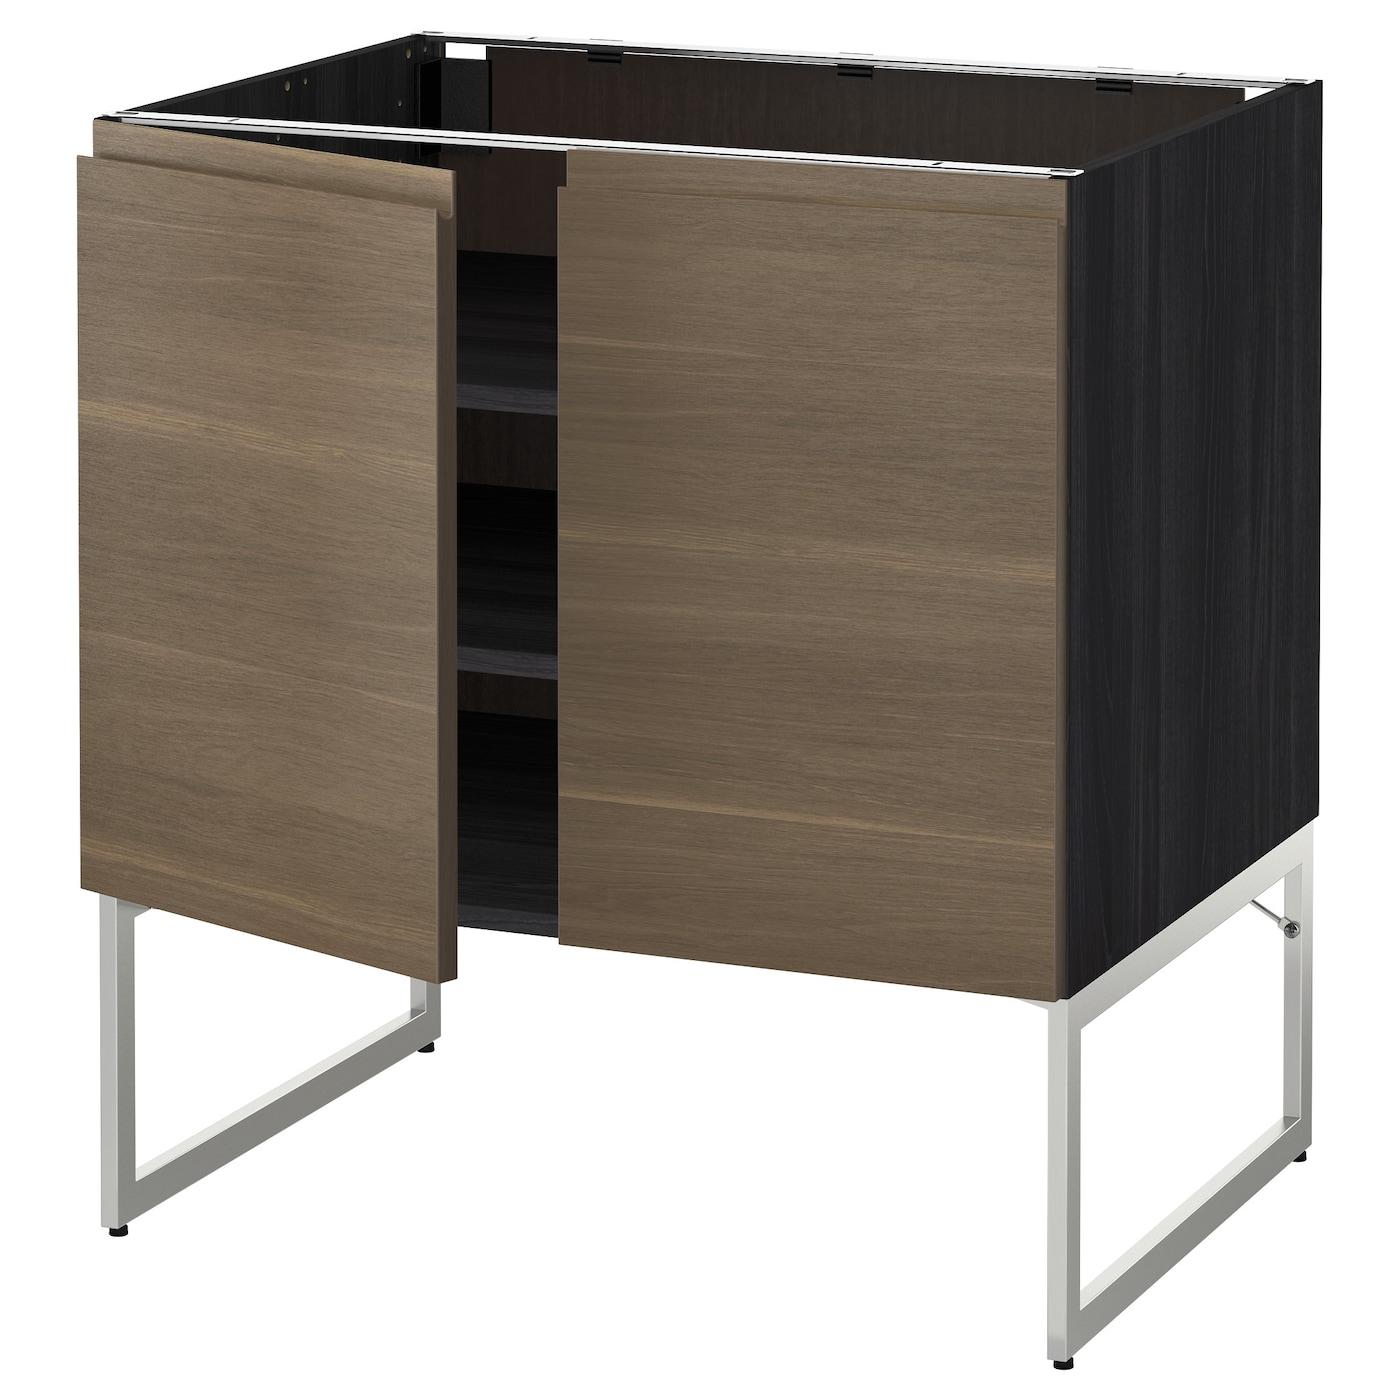 Metod base cabinet with shelves 2 doors black voxtorp for Black kitchen base cabinets